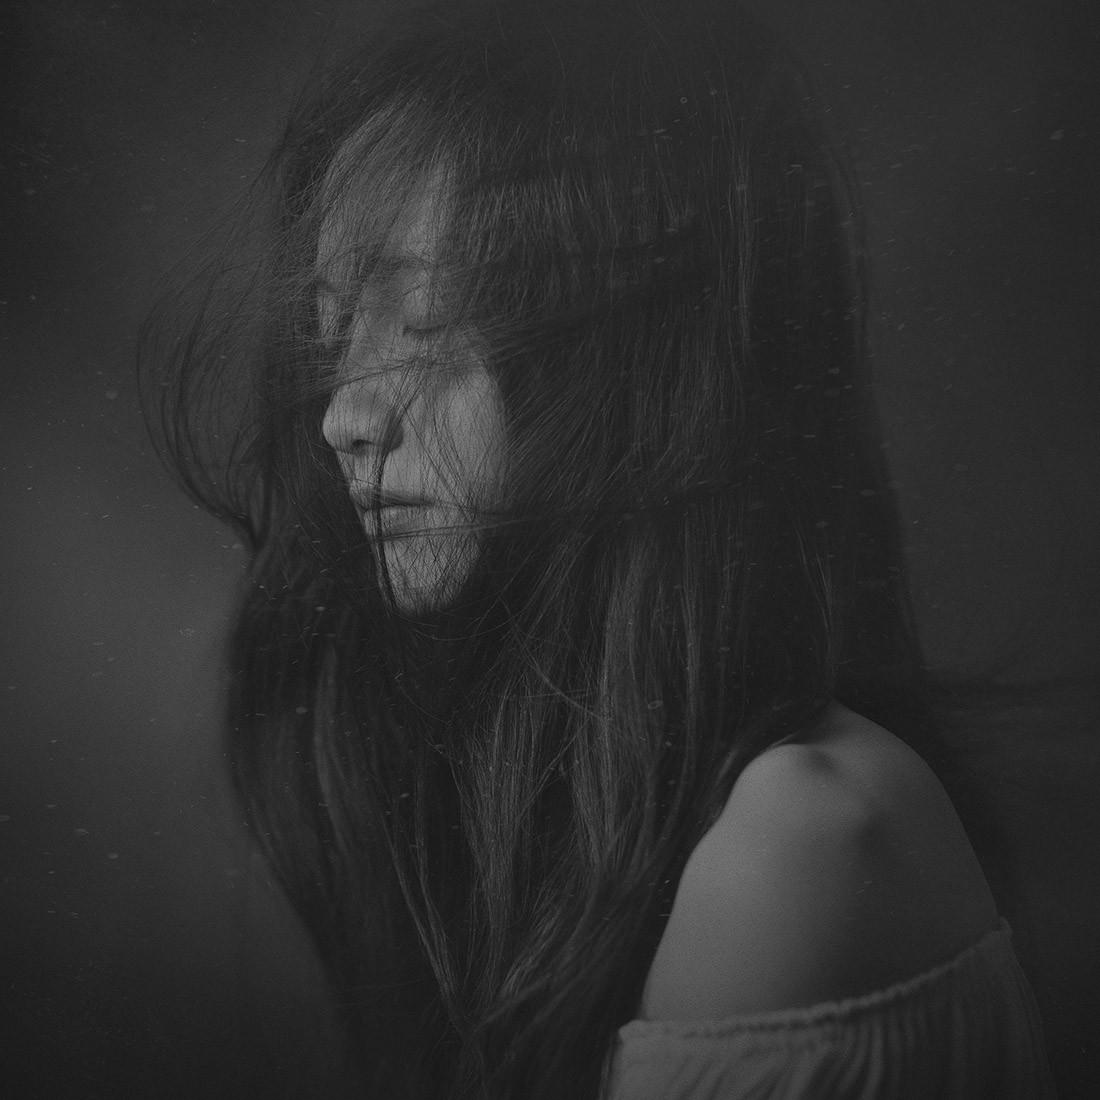 2 место в категории «Портрет», 2019. «Всё приносит ветер». Автор Саксин Чжан